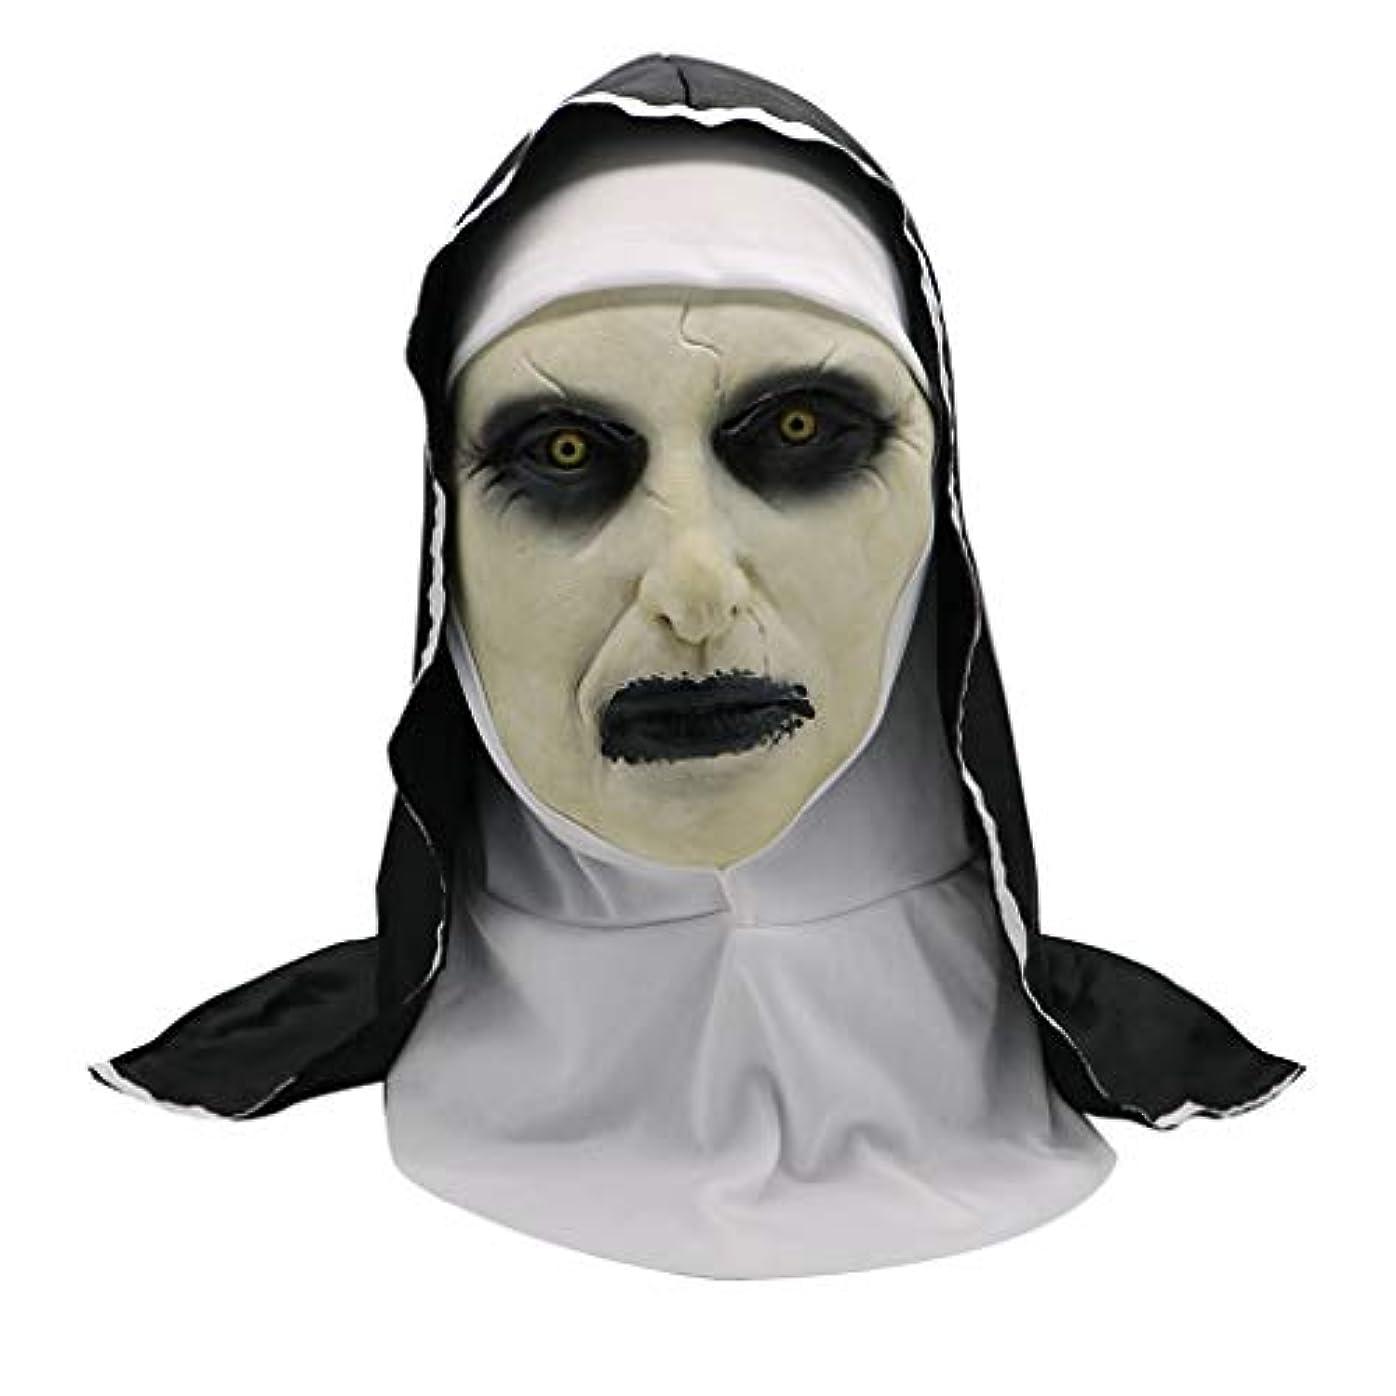 驚いたことに休眠言い訳ラテックスヘッドマスク、ホラーゴーストヌンホラーハロウィンファンシードレスパーティー